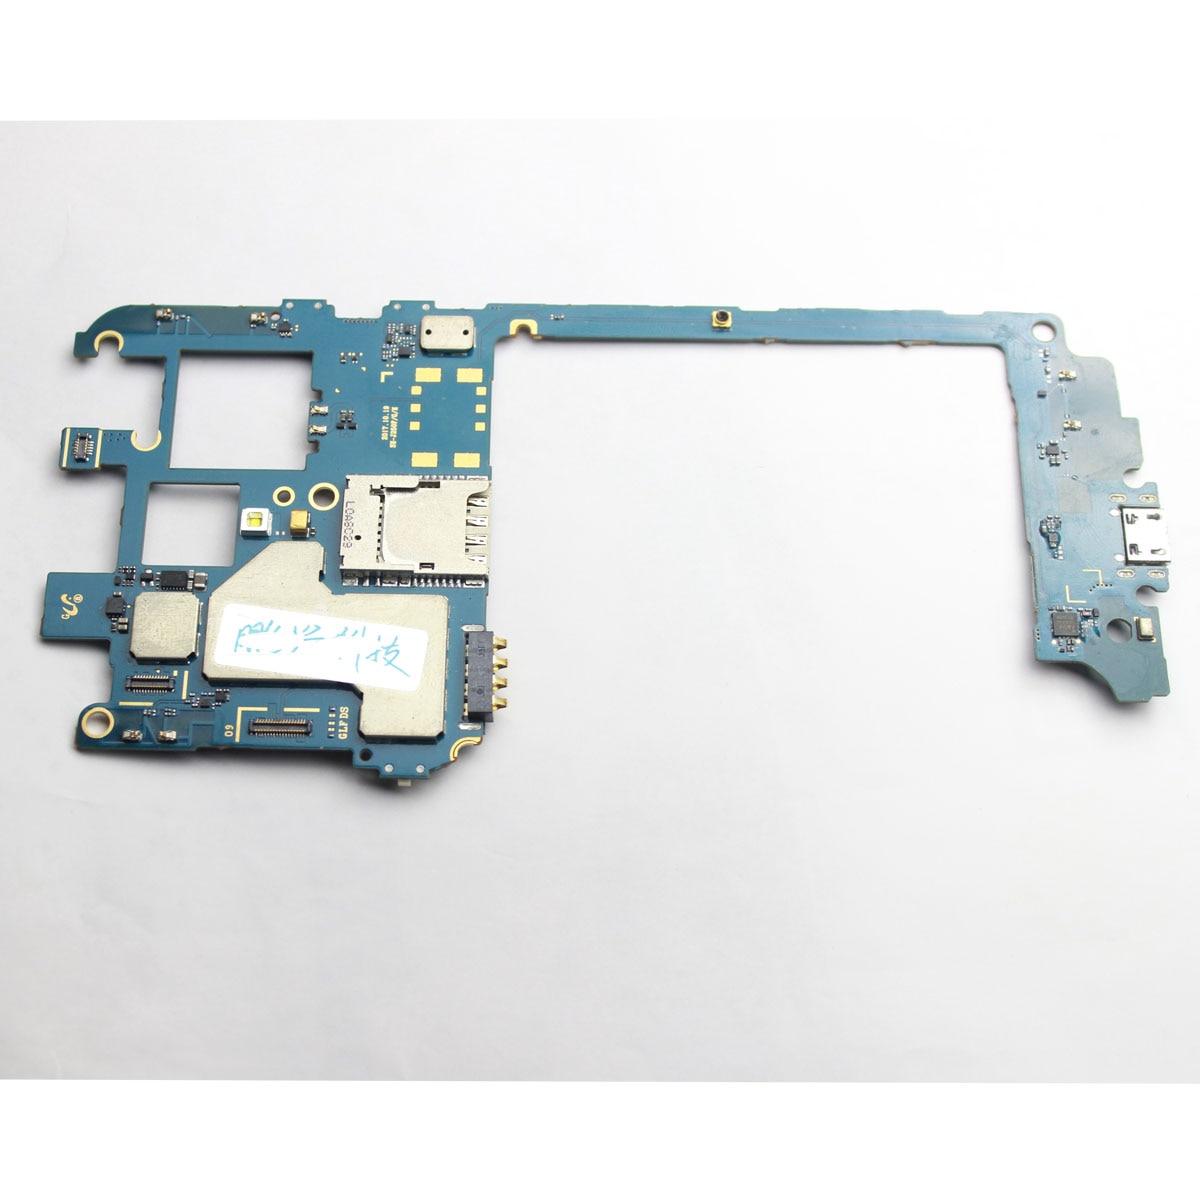 اللوحة الرئيسية مقفلة لسامسونج غالاكسي S7 حافة SM-G935W8 32GB